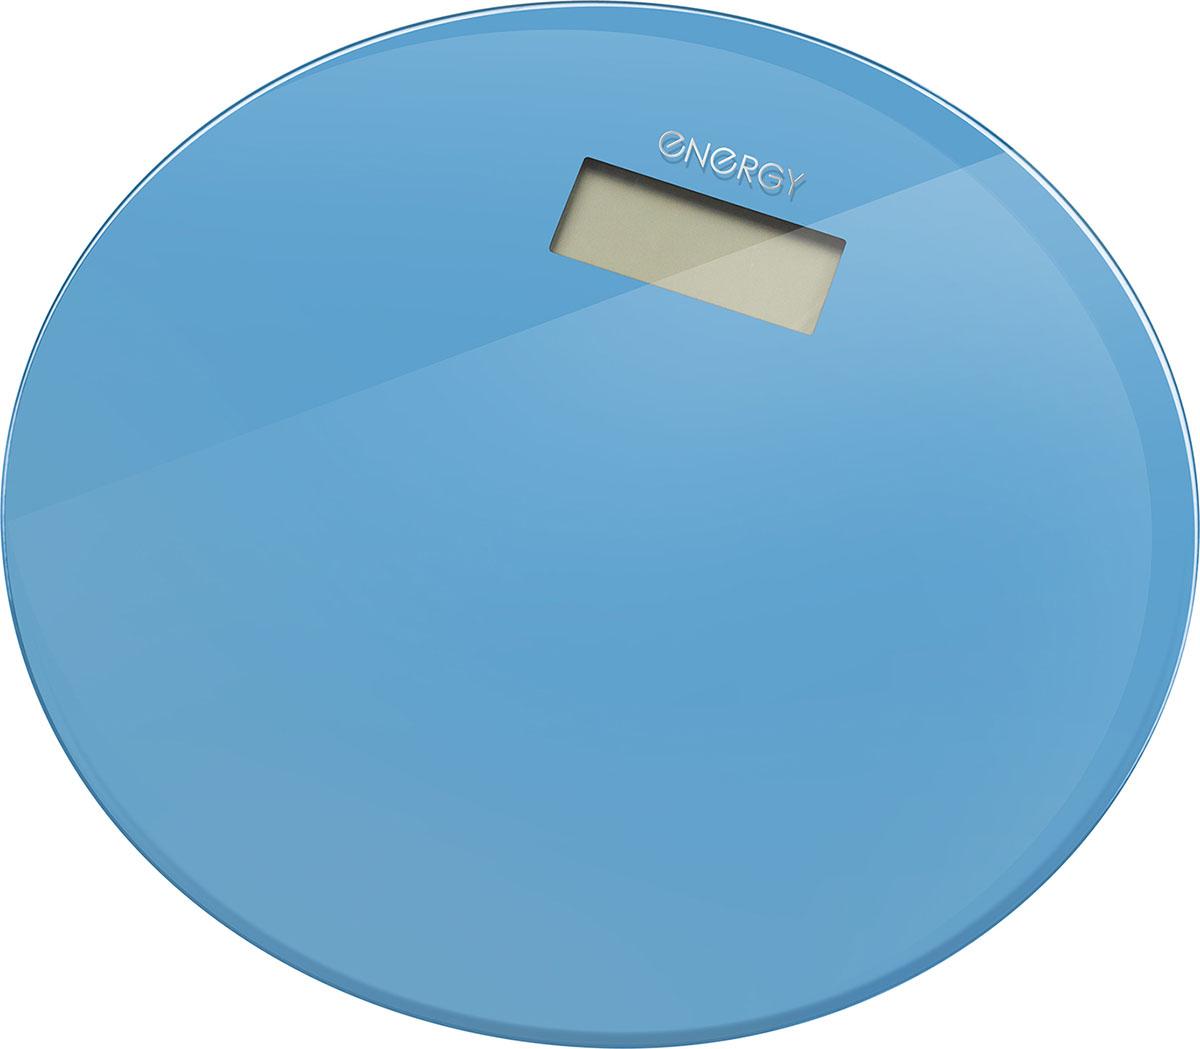 Energy EN-420 RIO, Blue напольные весы54 003493Стеклянная поверхностьДиагональ: 33 смМаксимальная нагрузка: 180 кгЦена деления: 100 граммСтеклянная платформа: 6 ммLCD дисплей, размер: 73*28 ммАвтоотключениеИндикатор перегрузки и заряда батареиПитание от батареи: 1*CR2032 (входит в комплект)